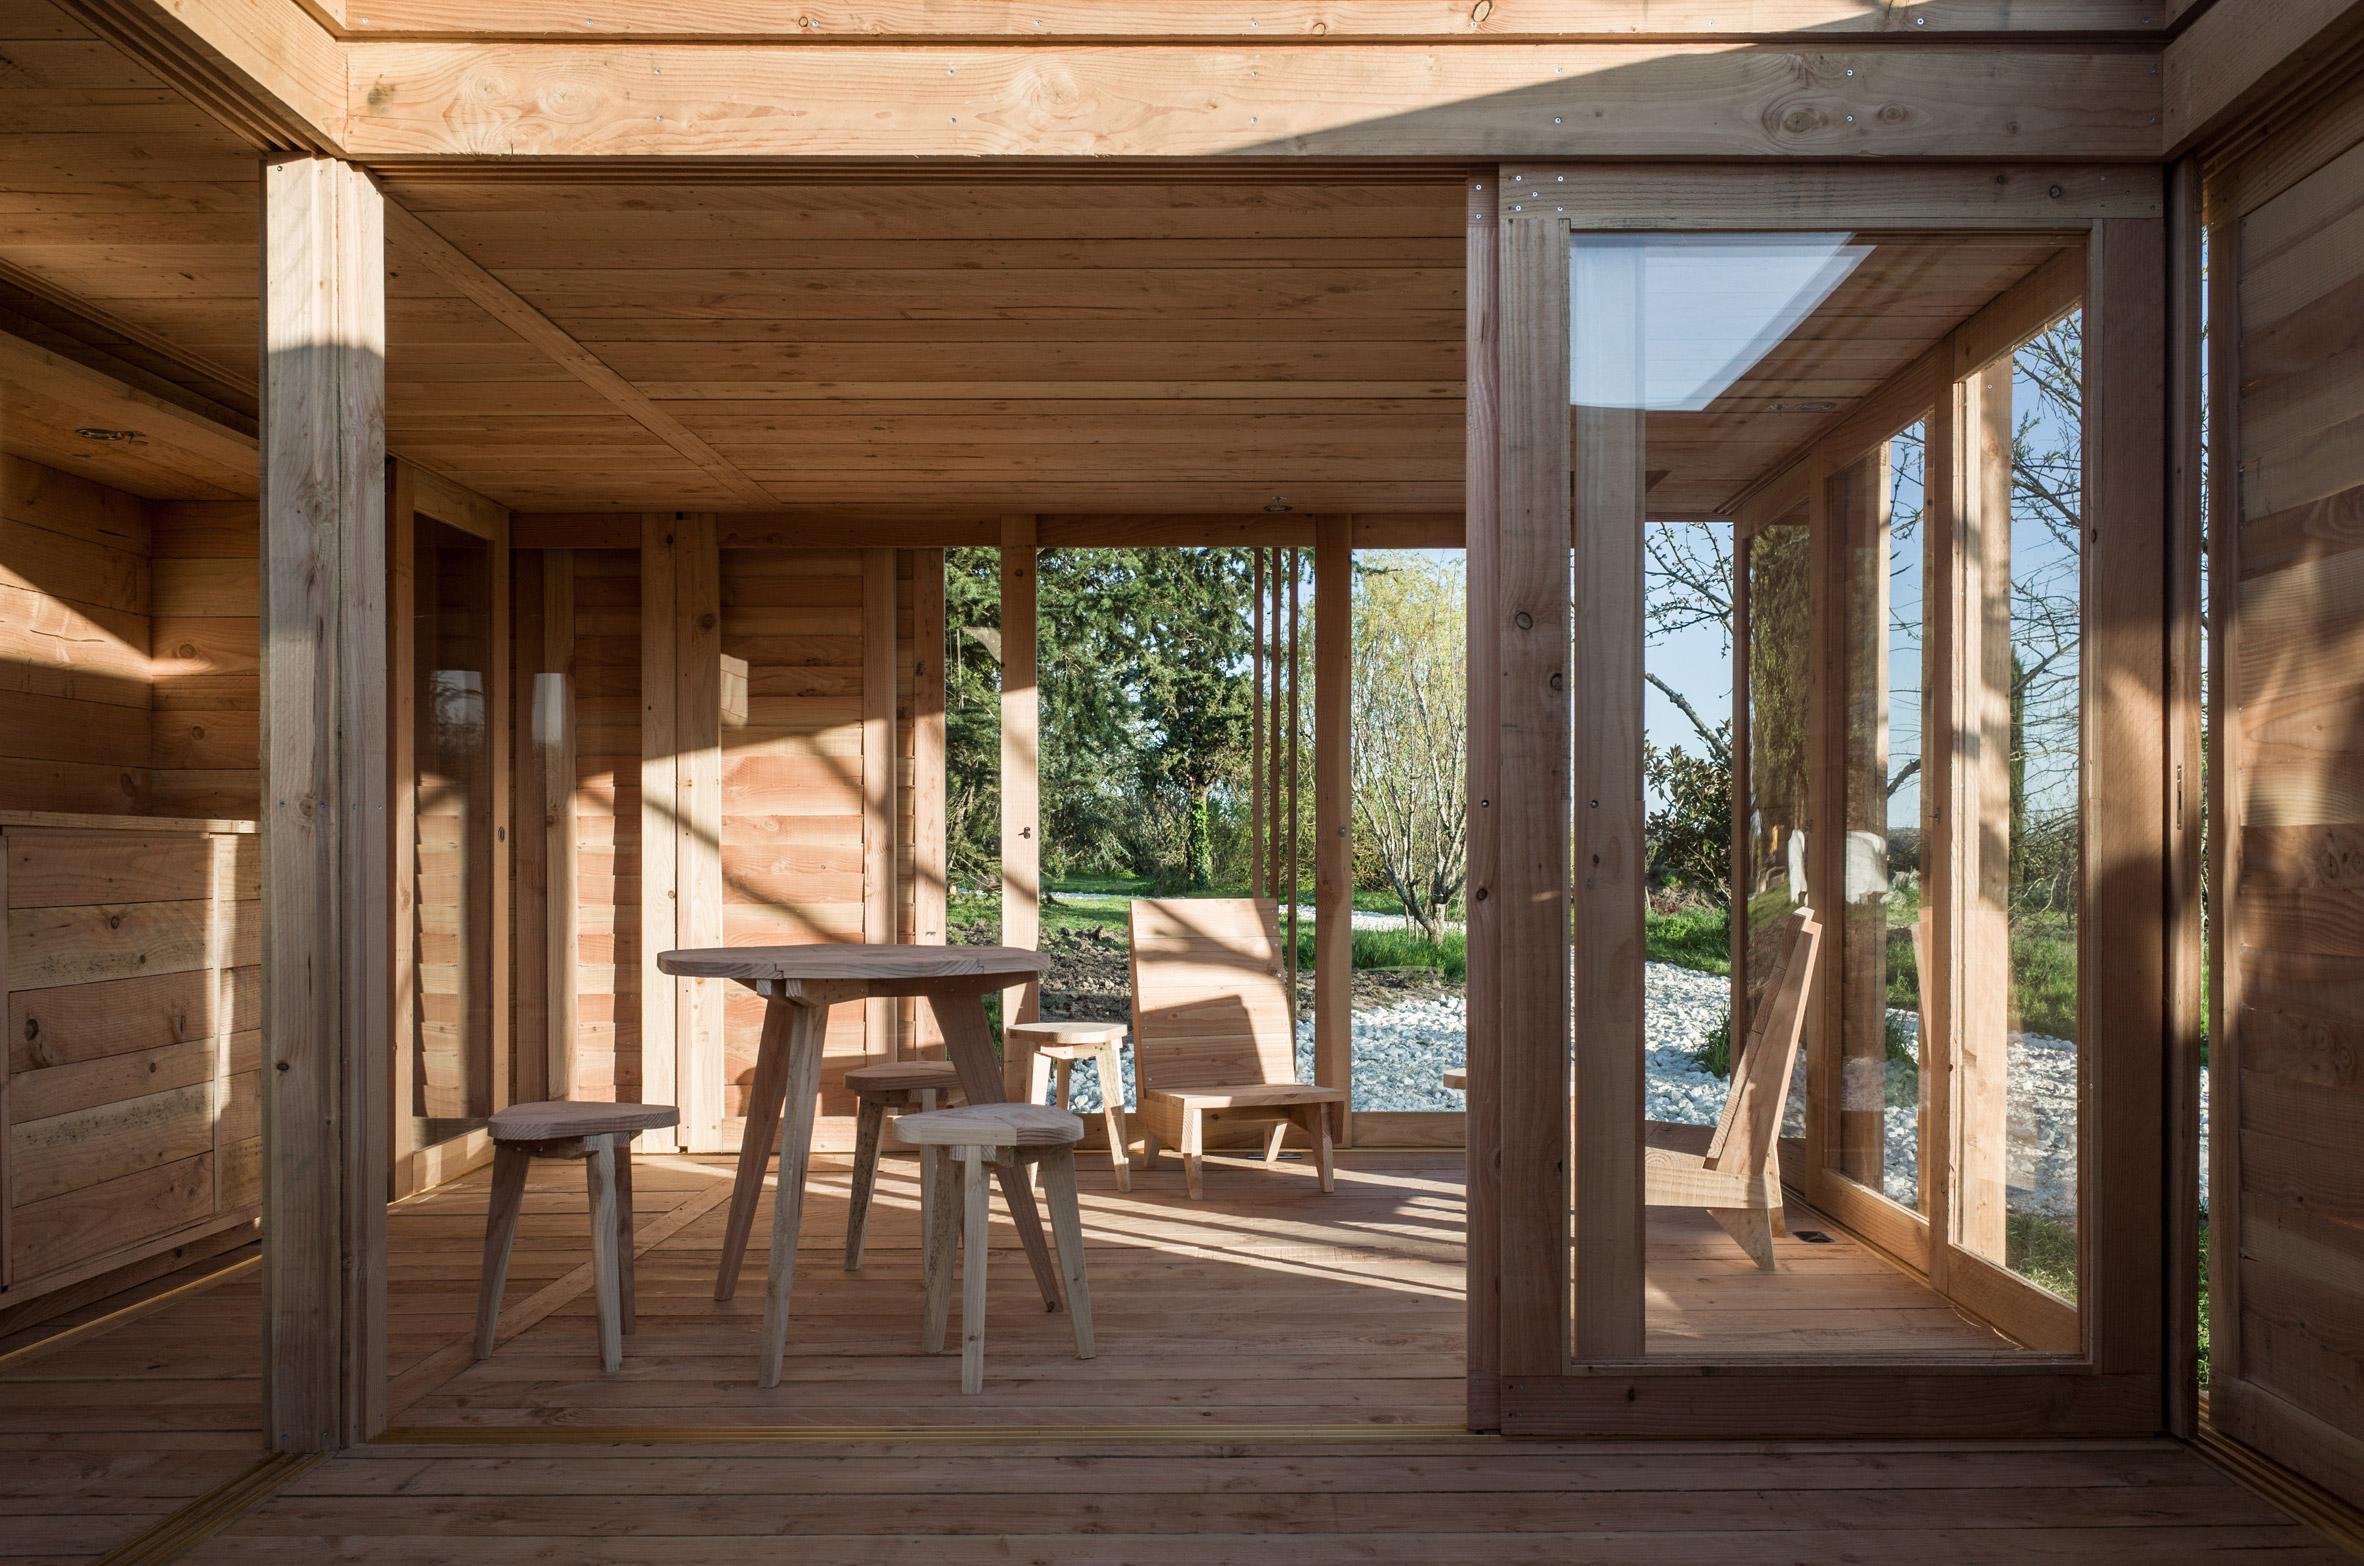 Nội thất gỗ tự nhiên 2